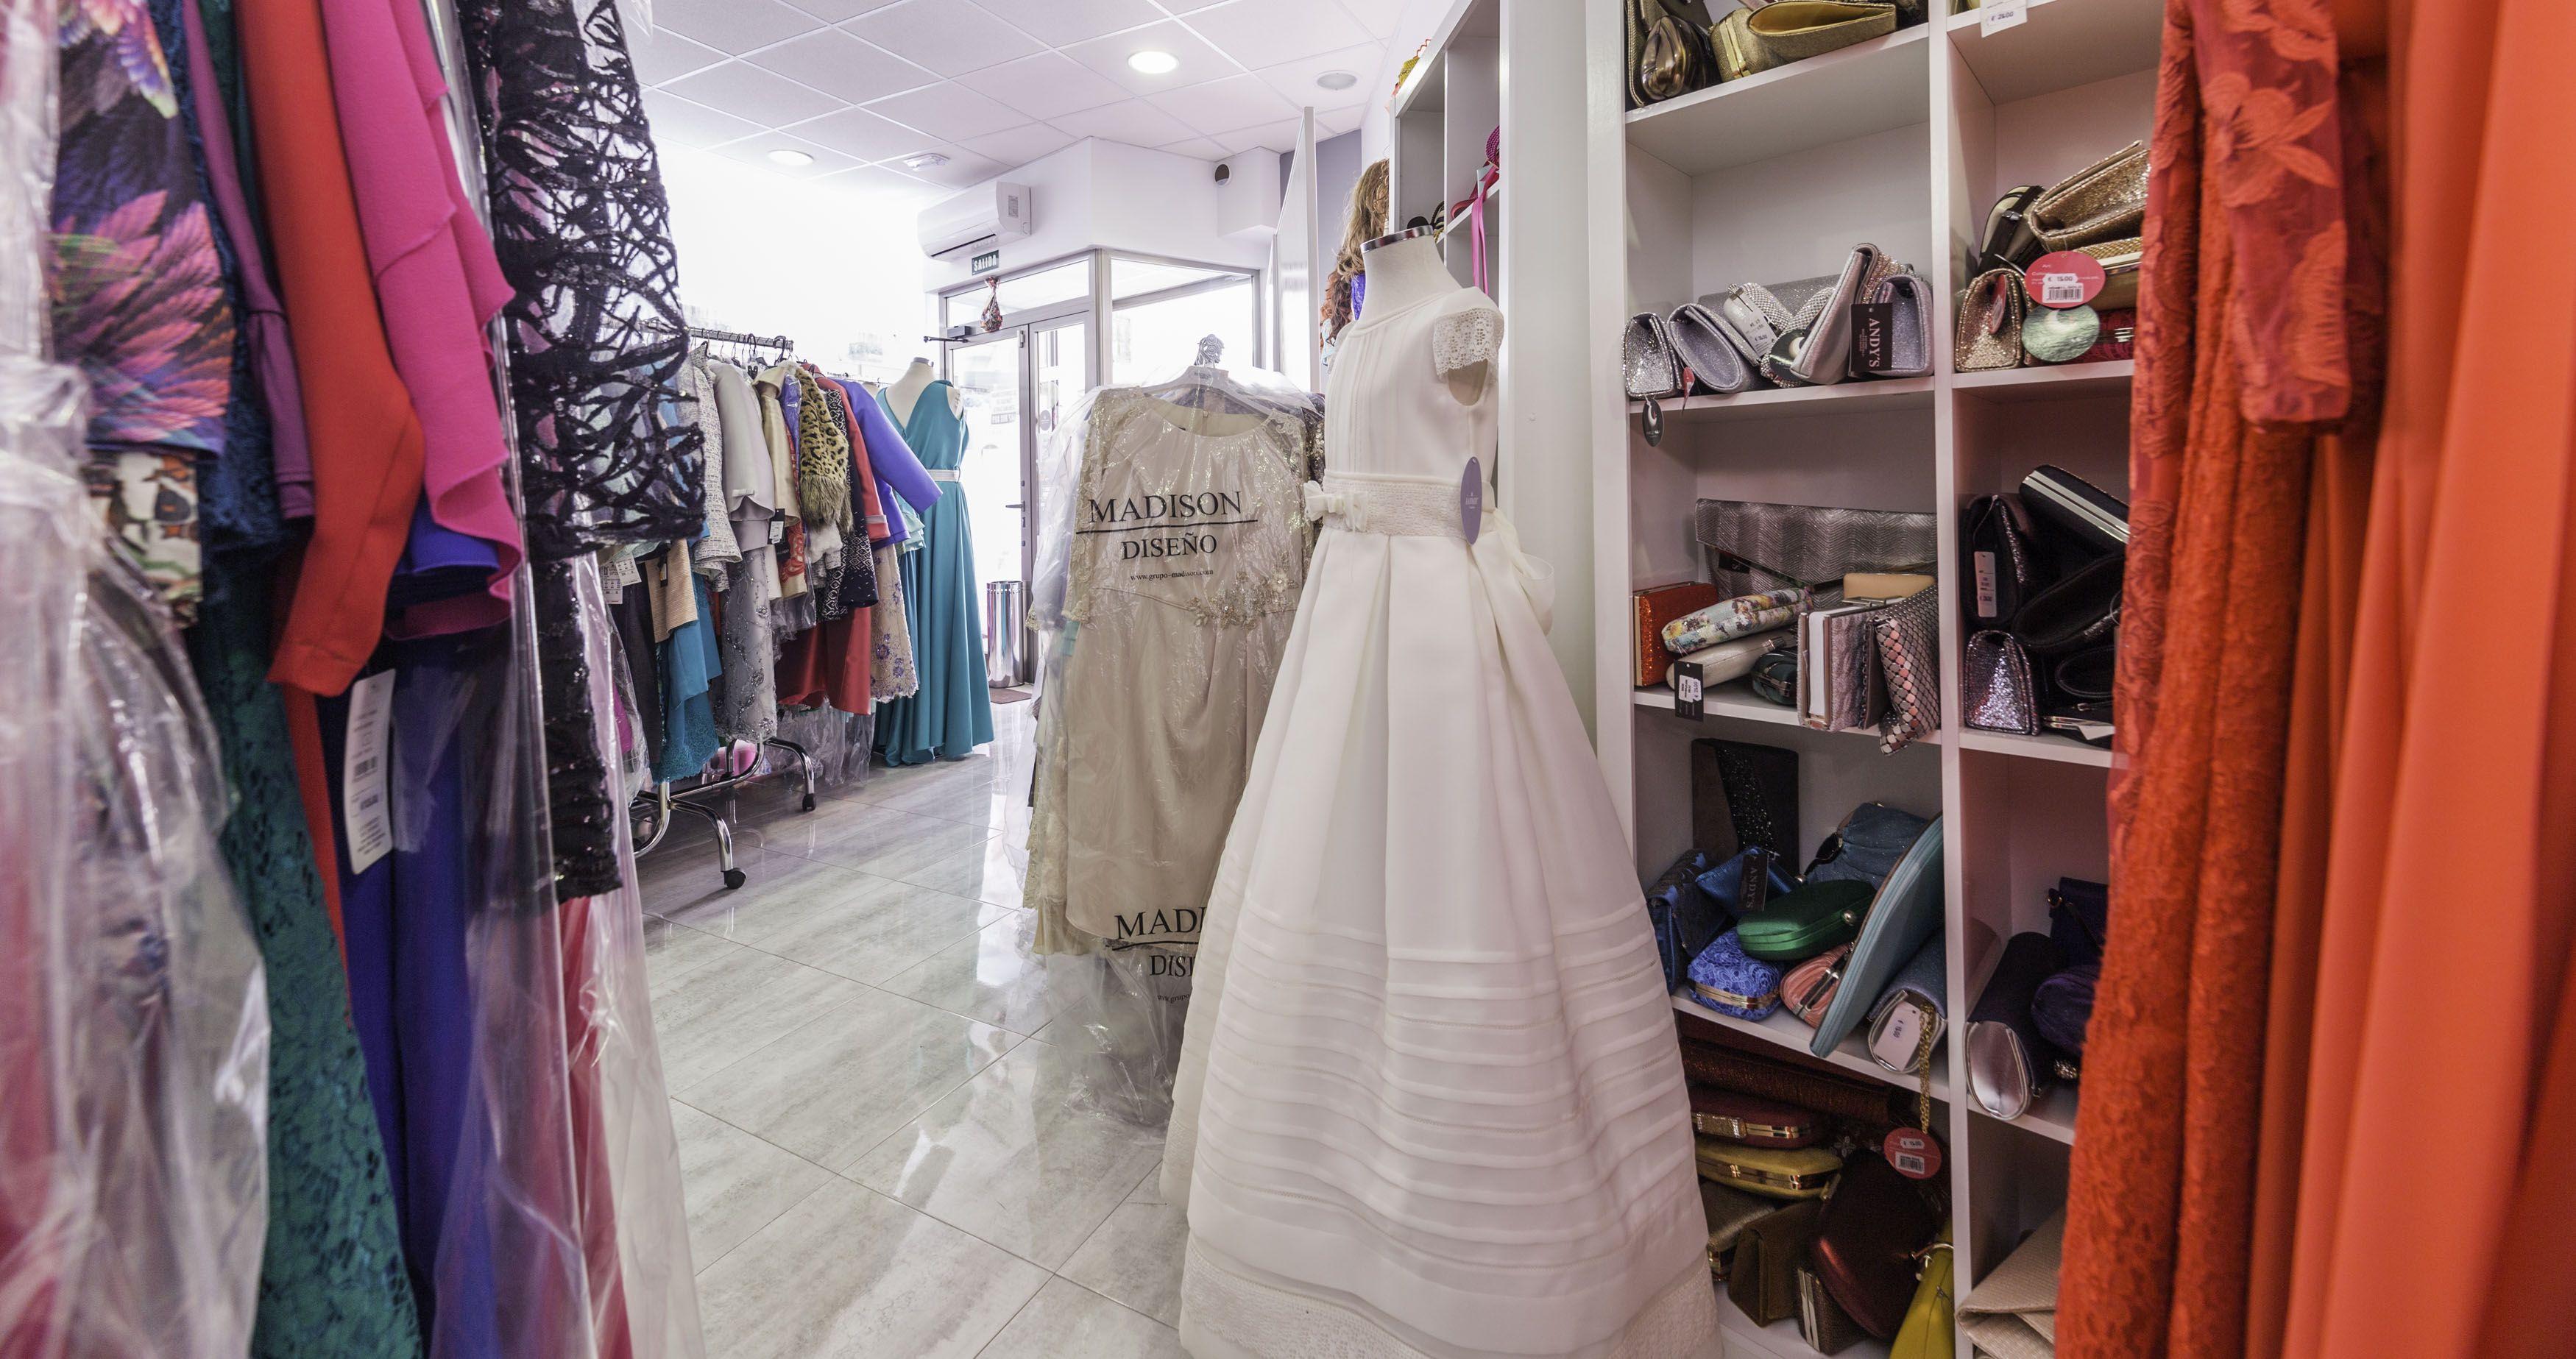 Foto 5 de Vestidos de novia y madrina en Tomelloso, Ciudad Real en Tomelloso | Caprichos